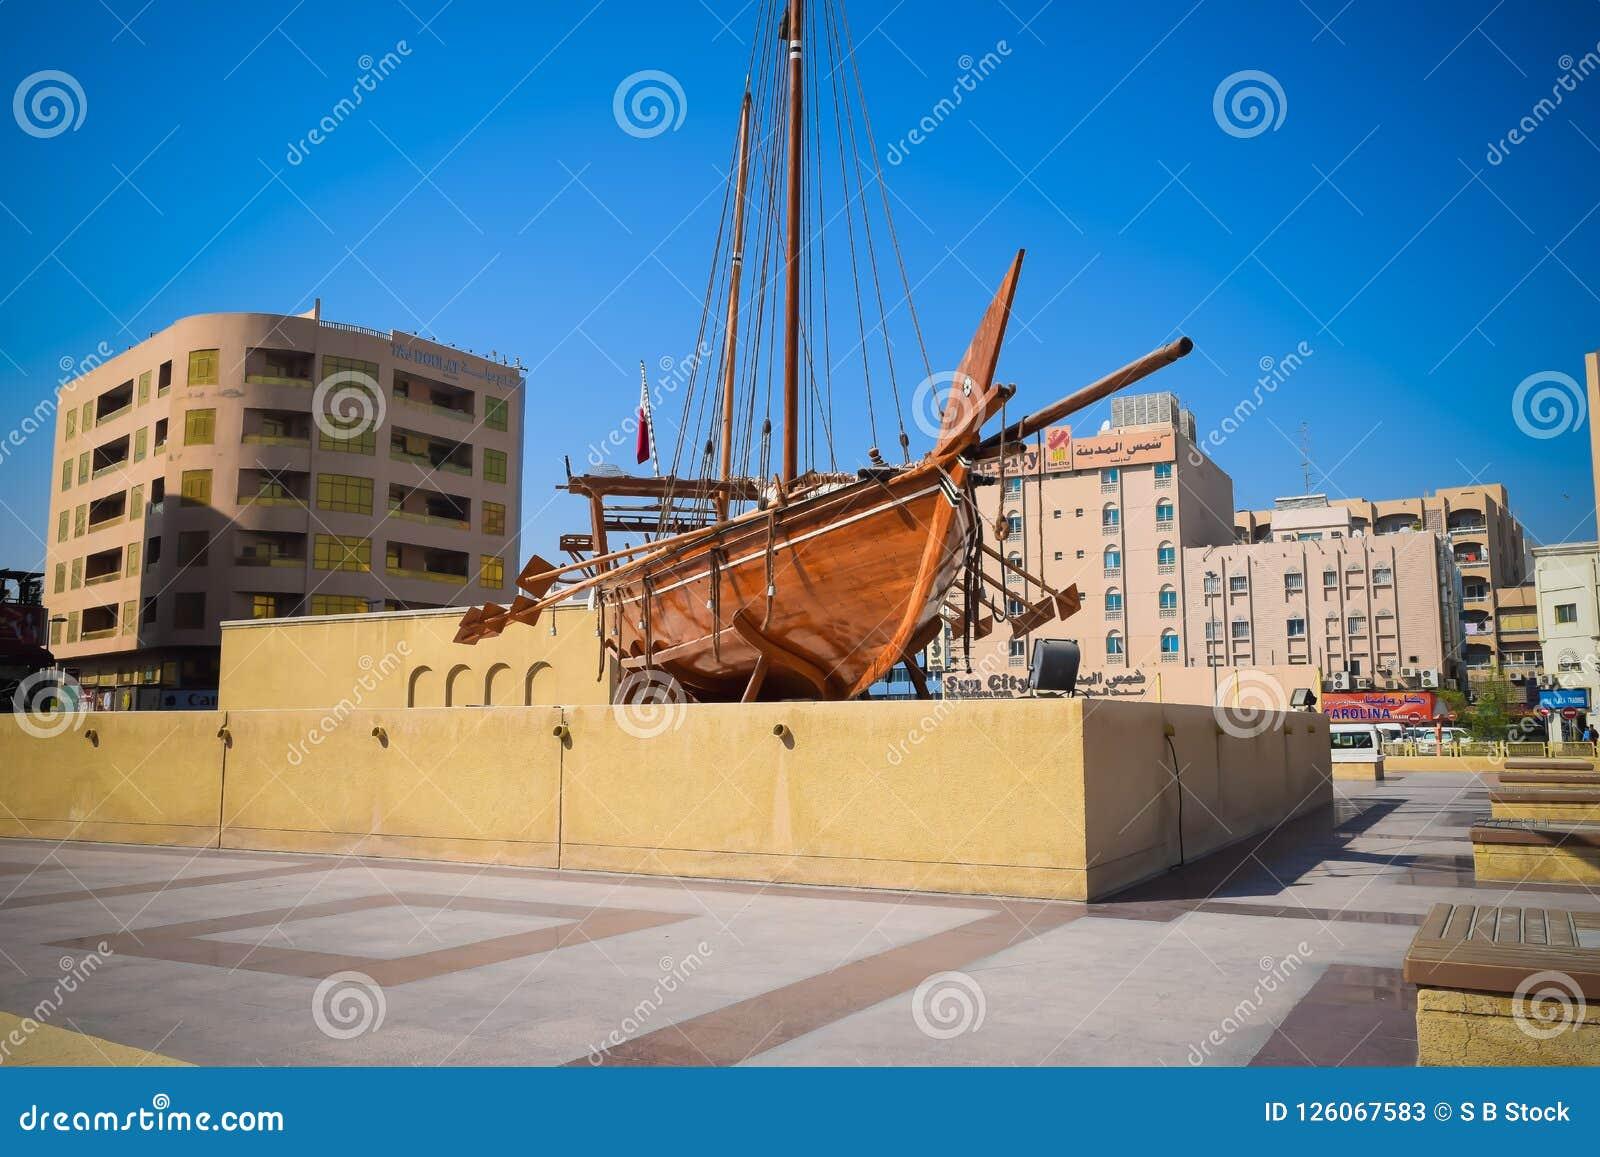 Altes hölzernes Boot nannte einen Dhow außerhalb des Dubai-Museums in UAE